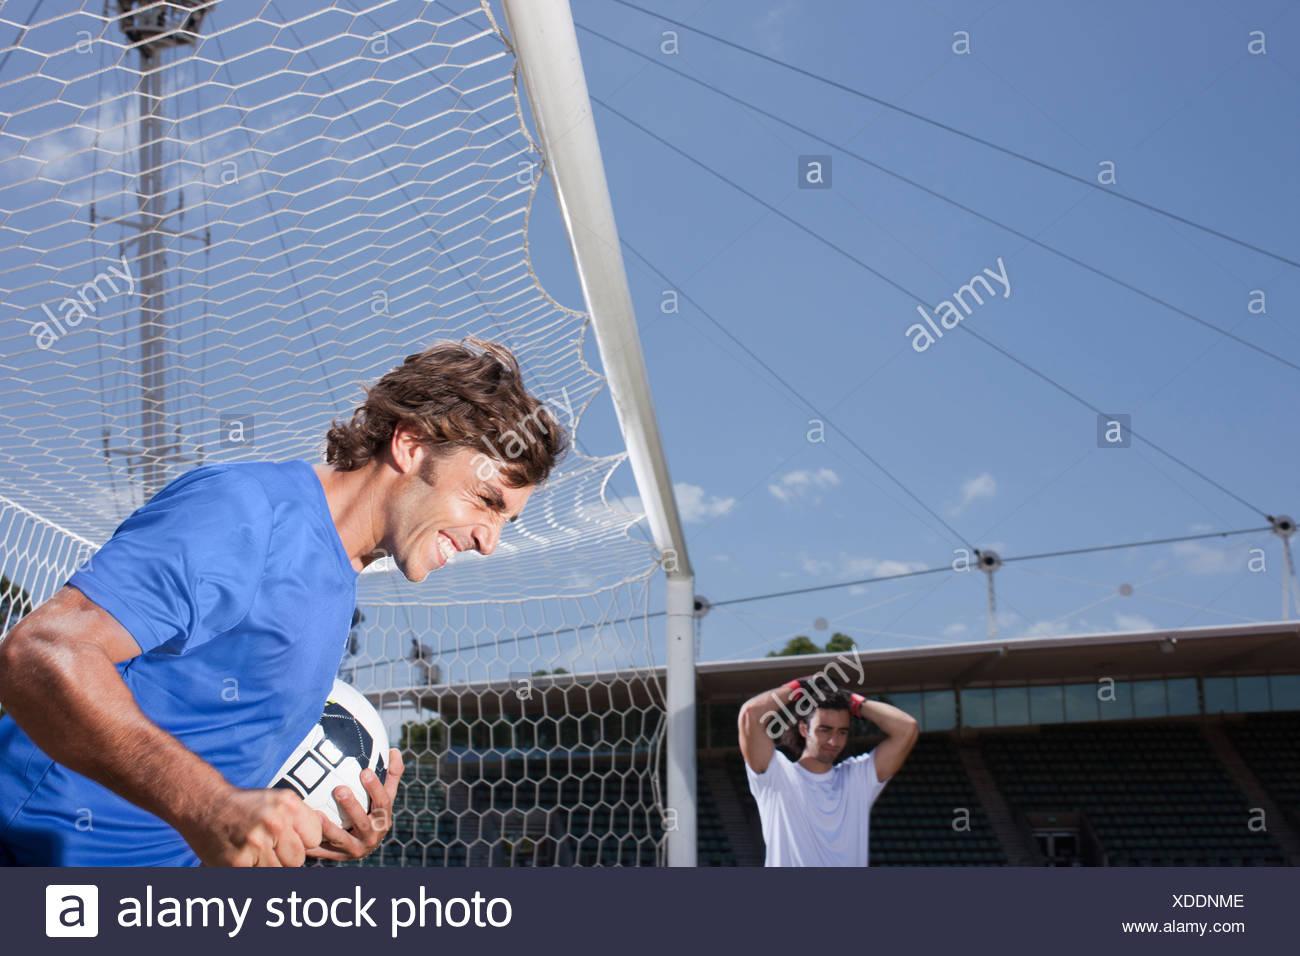 Soccer player scoring goal - Stock Image